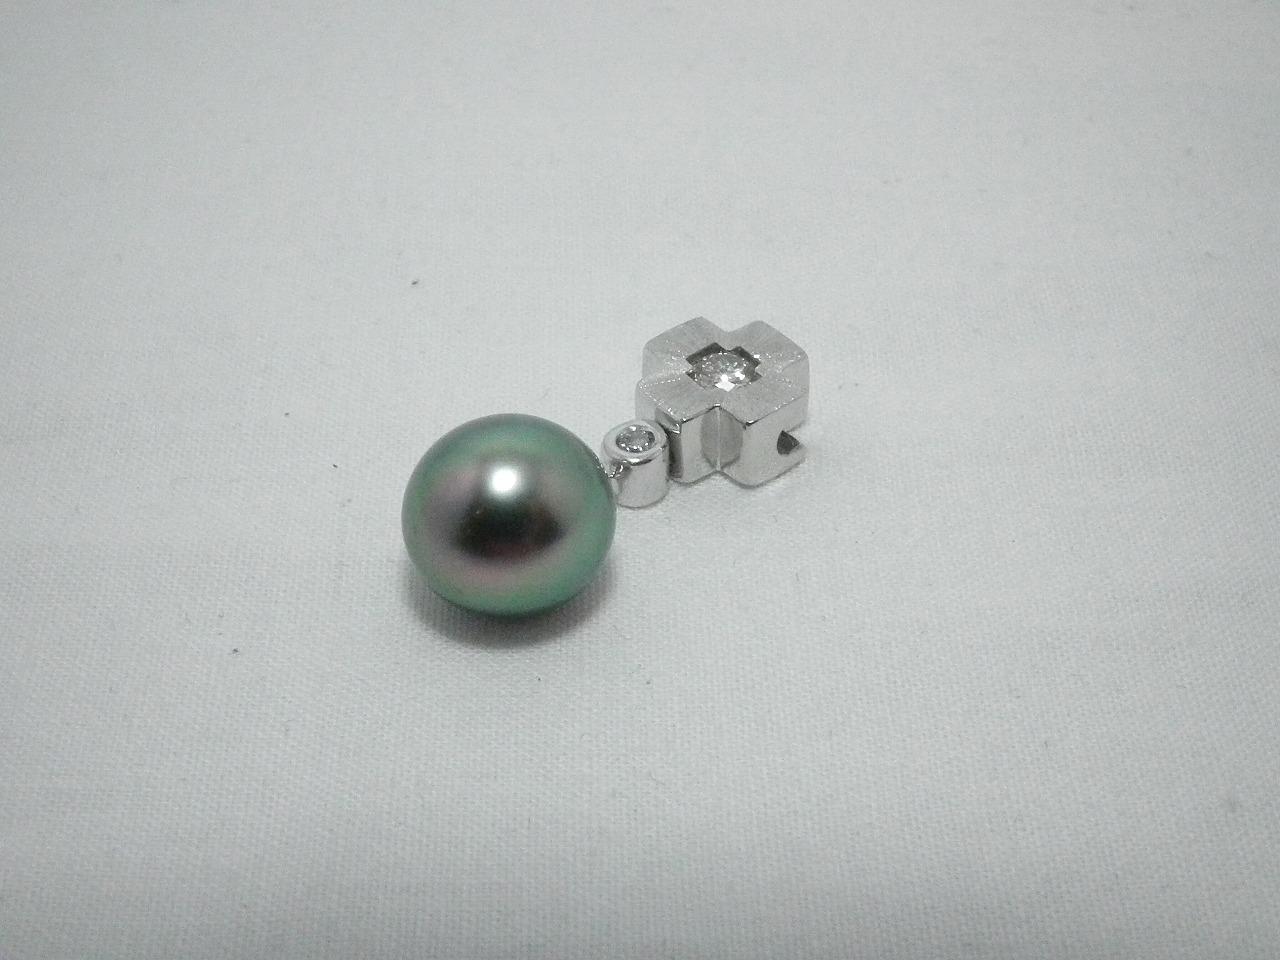 K18WG黒蝶真珠ダイヤネックレストップ 真珠10mm D0.23ct プレゼント